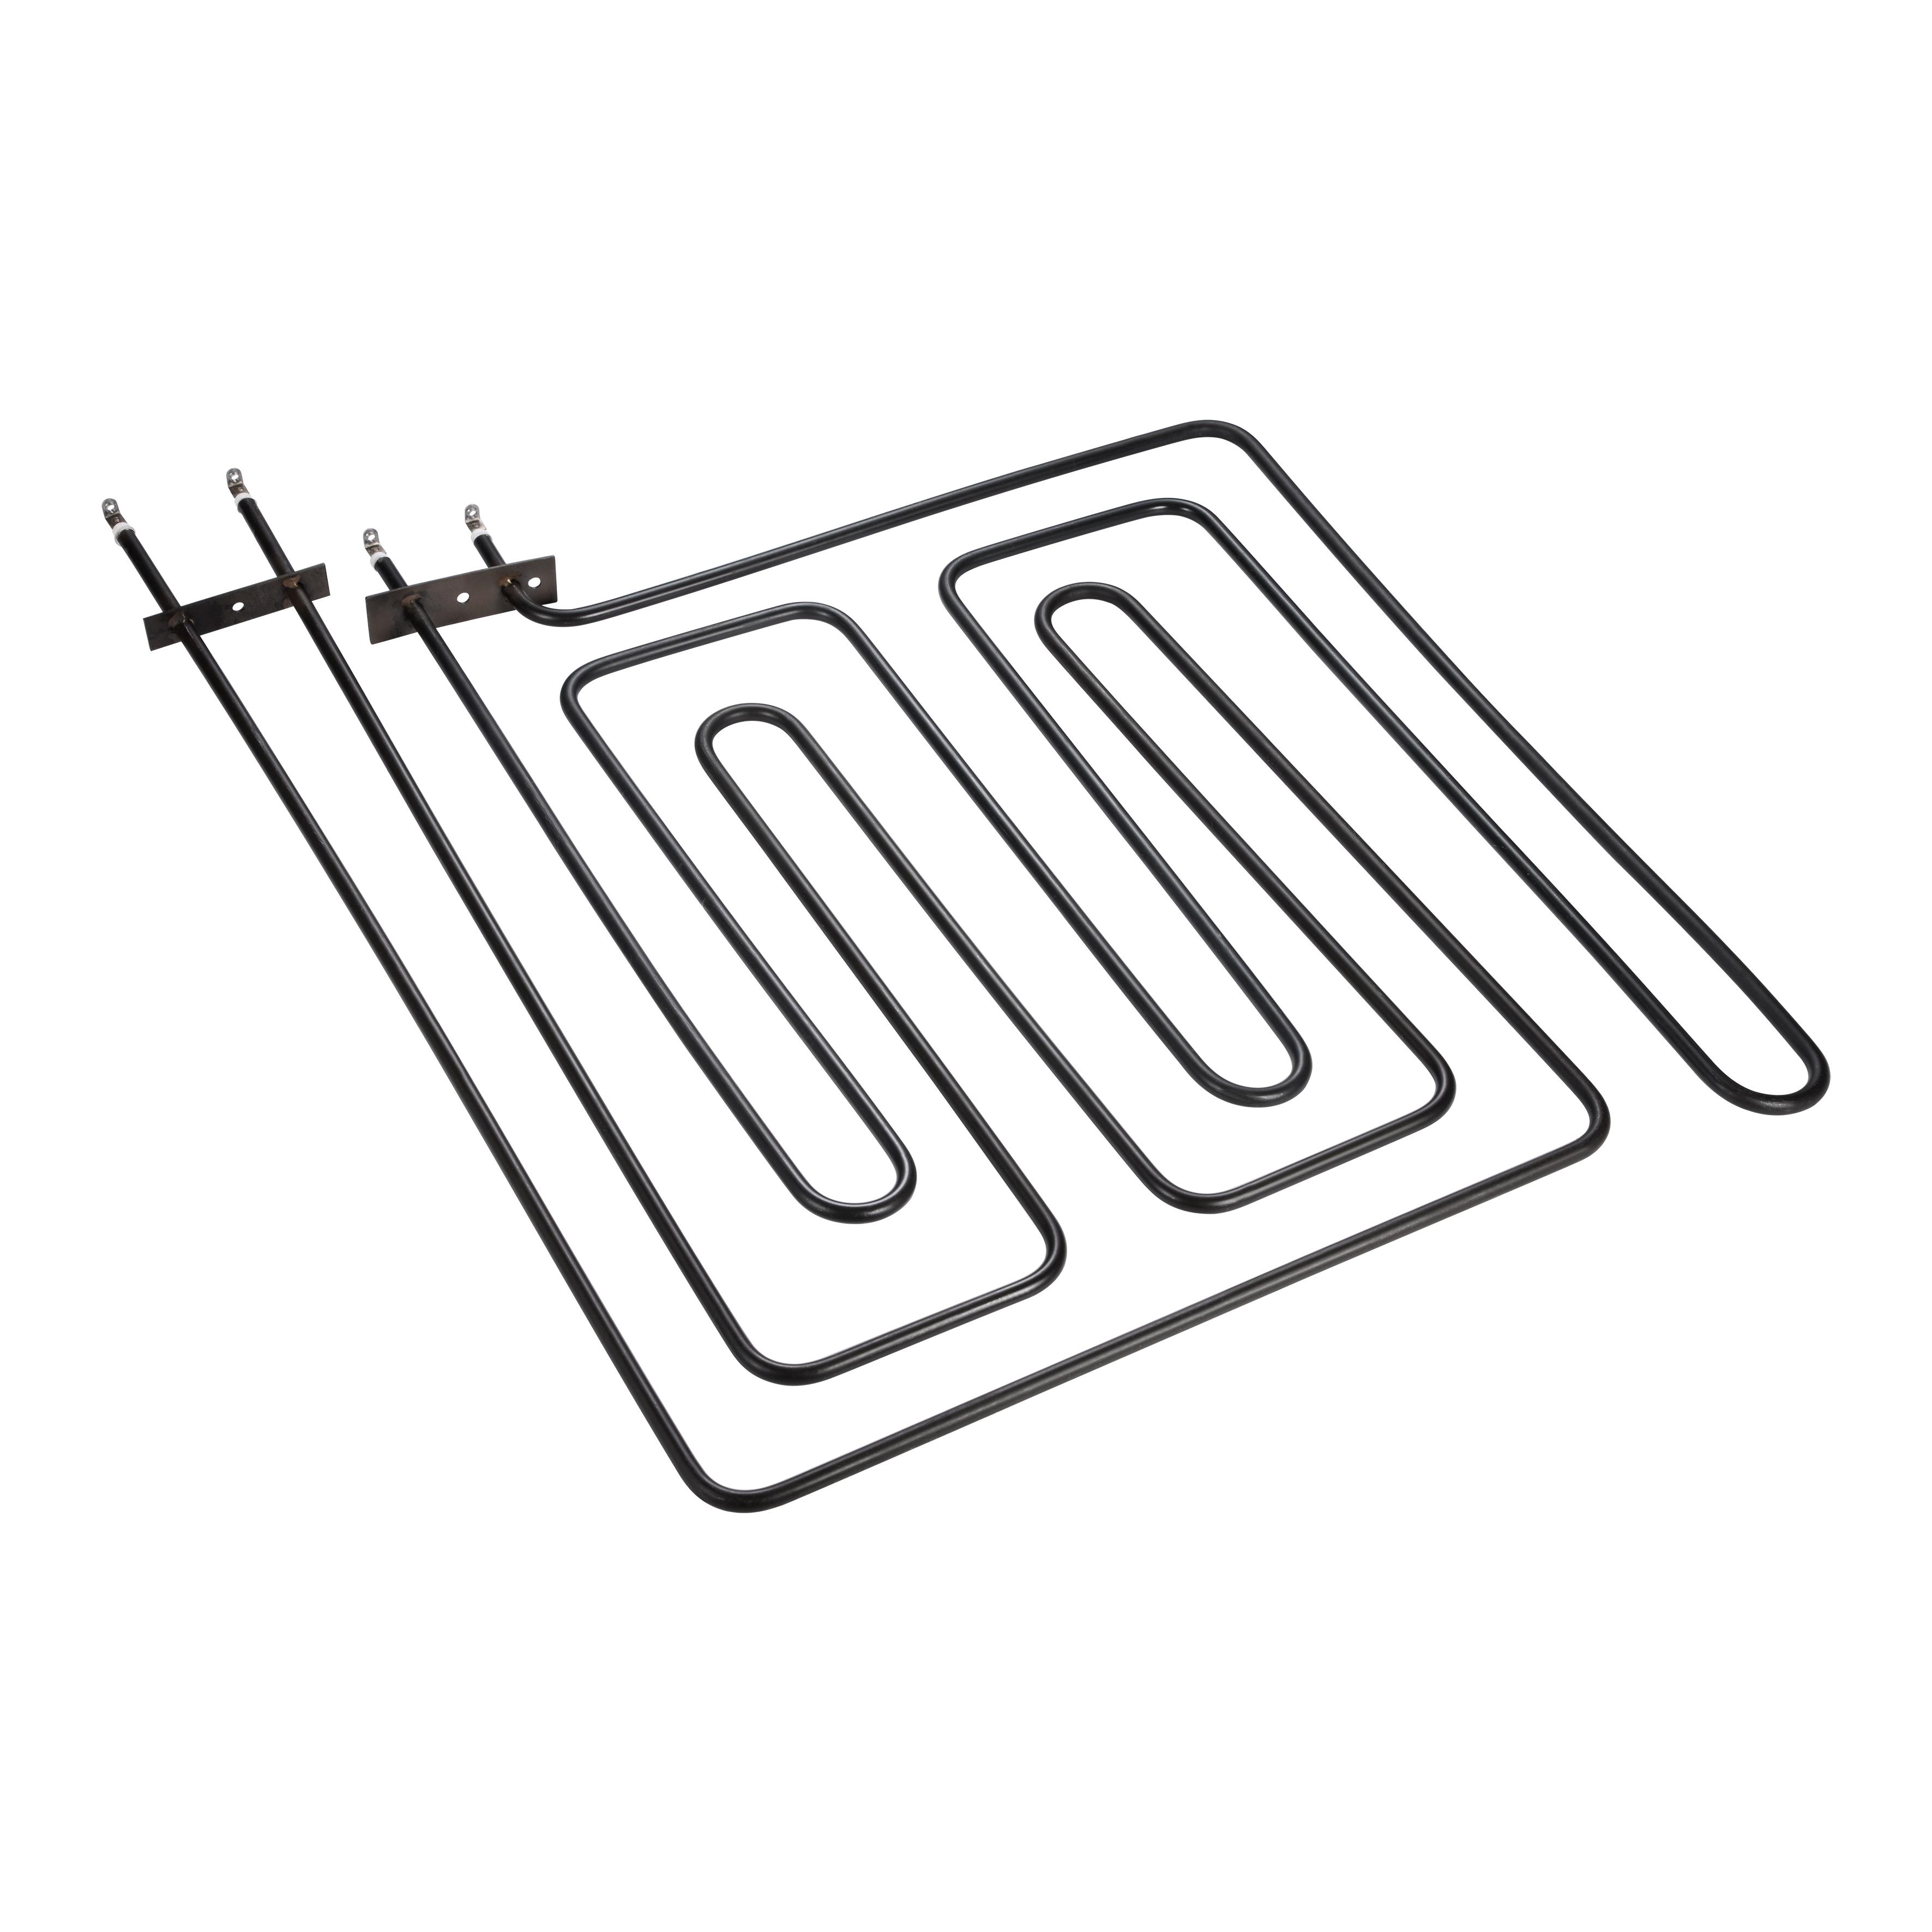 Wholesale Customized Good Quality Safe Tubular Rotary Oven Heating Element